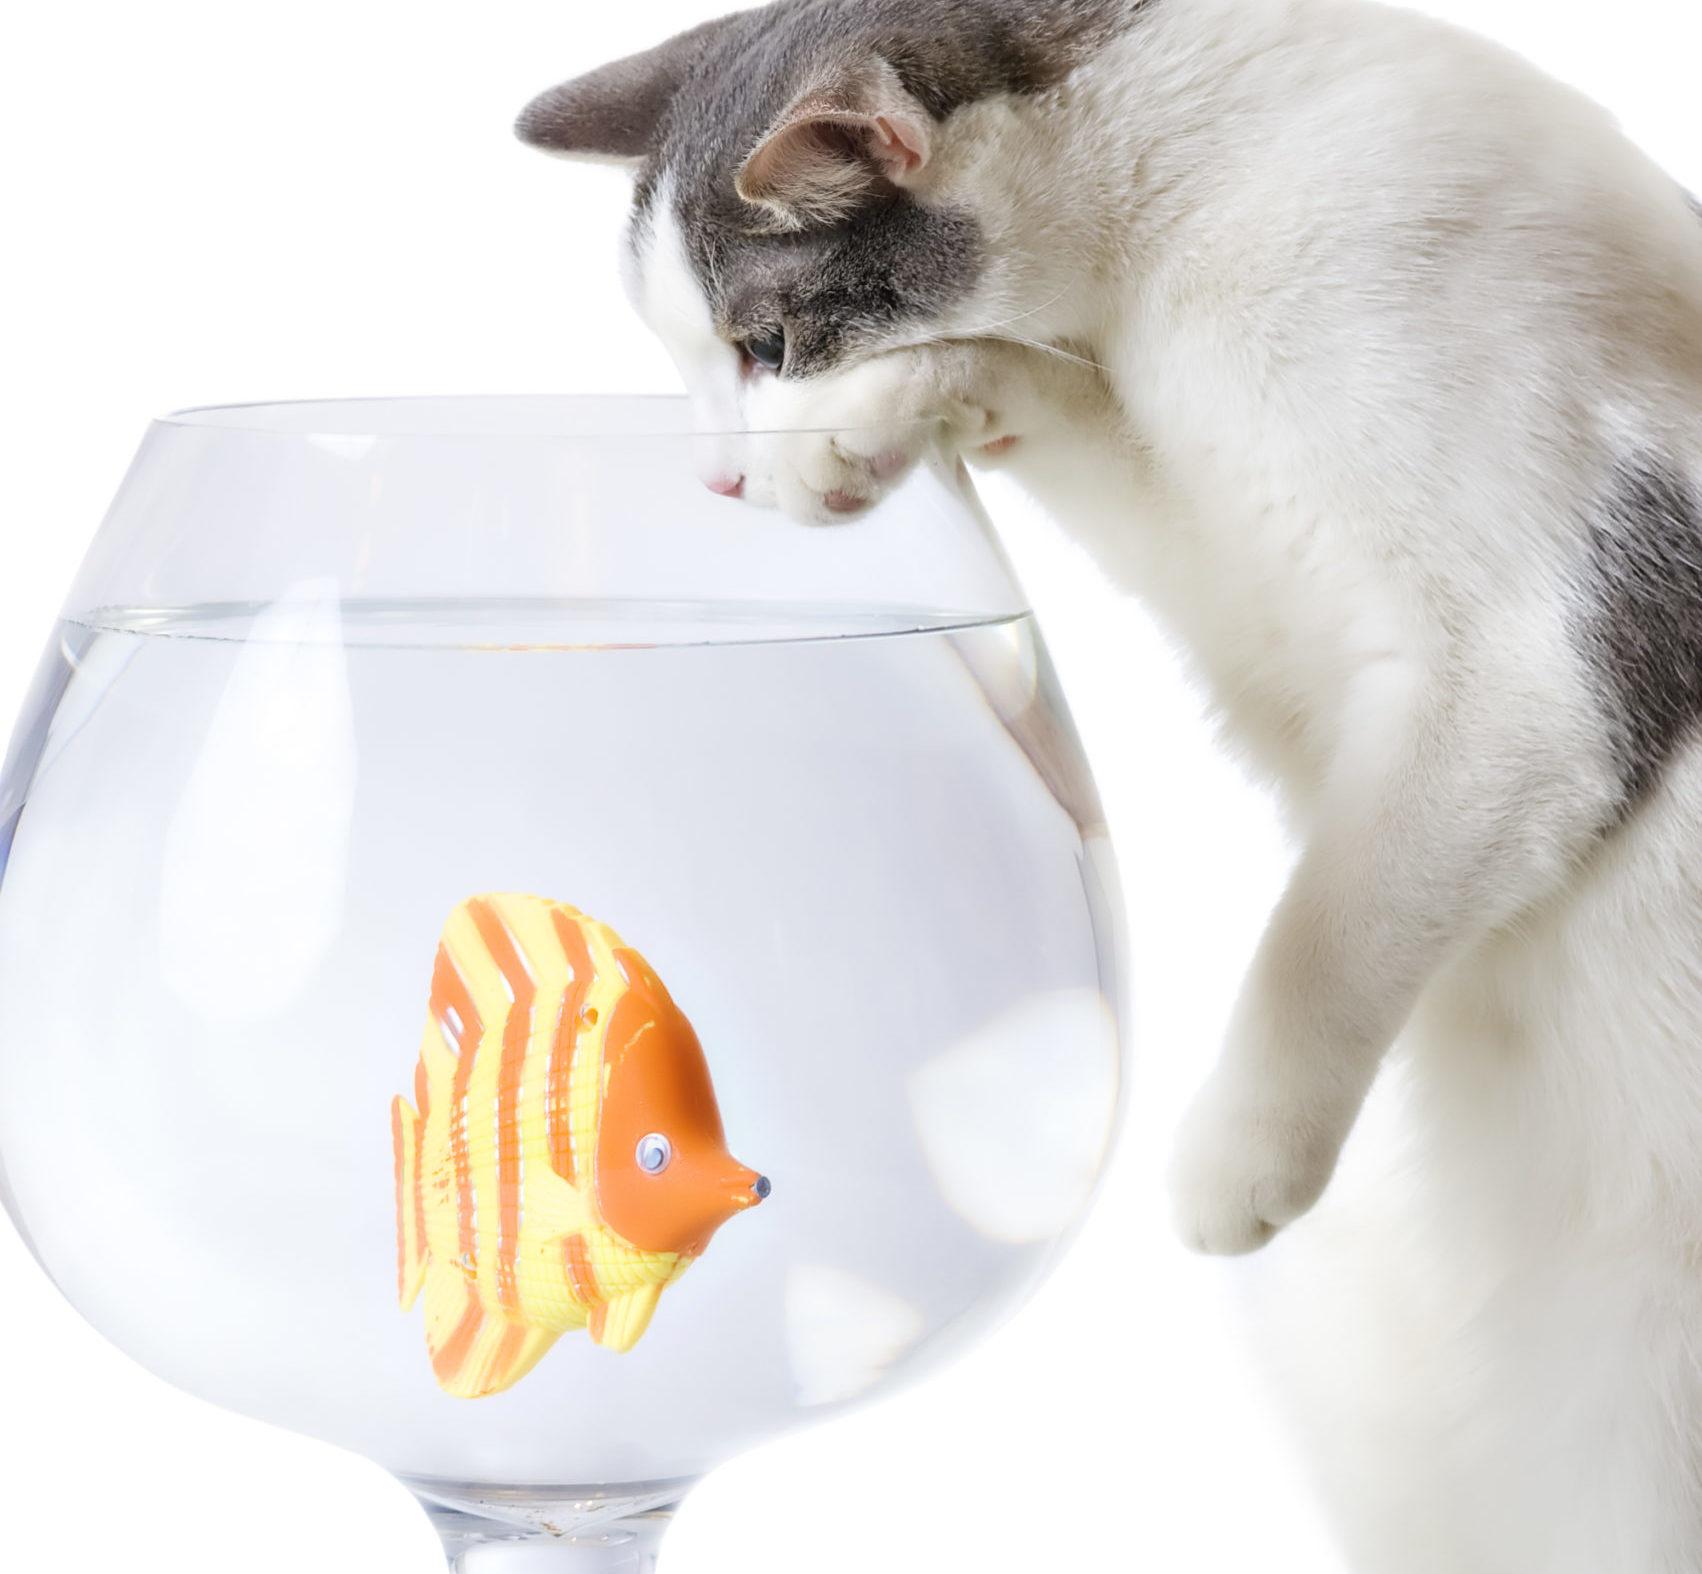 eine Katze schaut von oben in ein klassisches Goldfisch-Glas hinein, auf den Hinterbeinen aufgestellt schaut sie fasziniert auf den gelben Diskusfisch im Glas